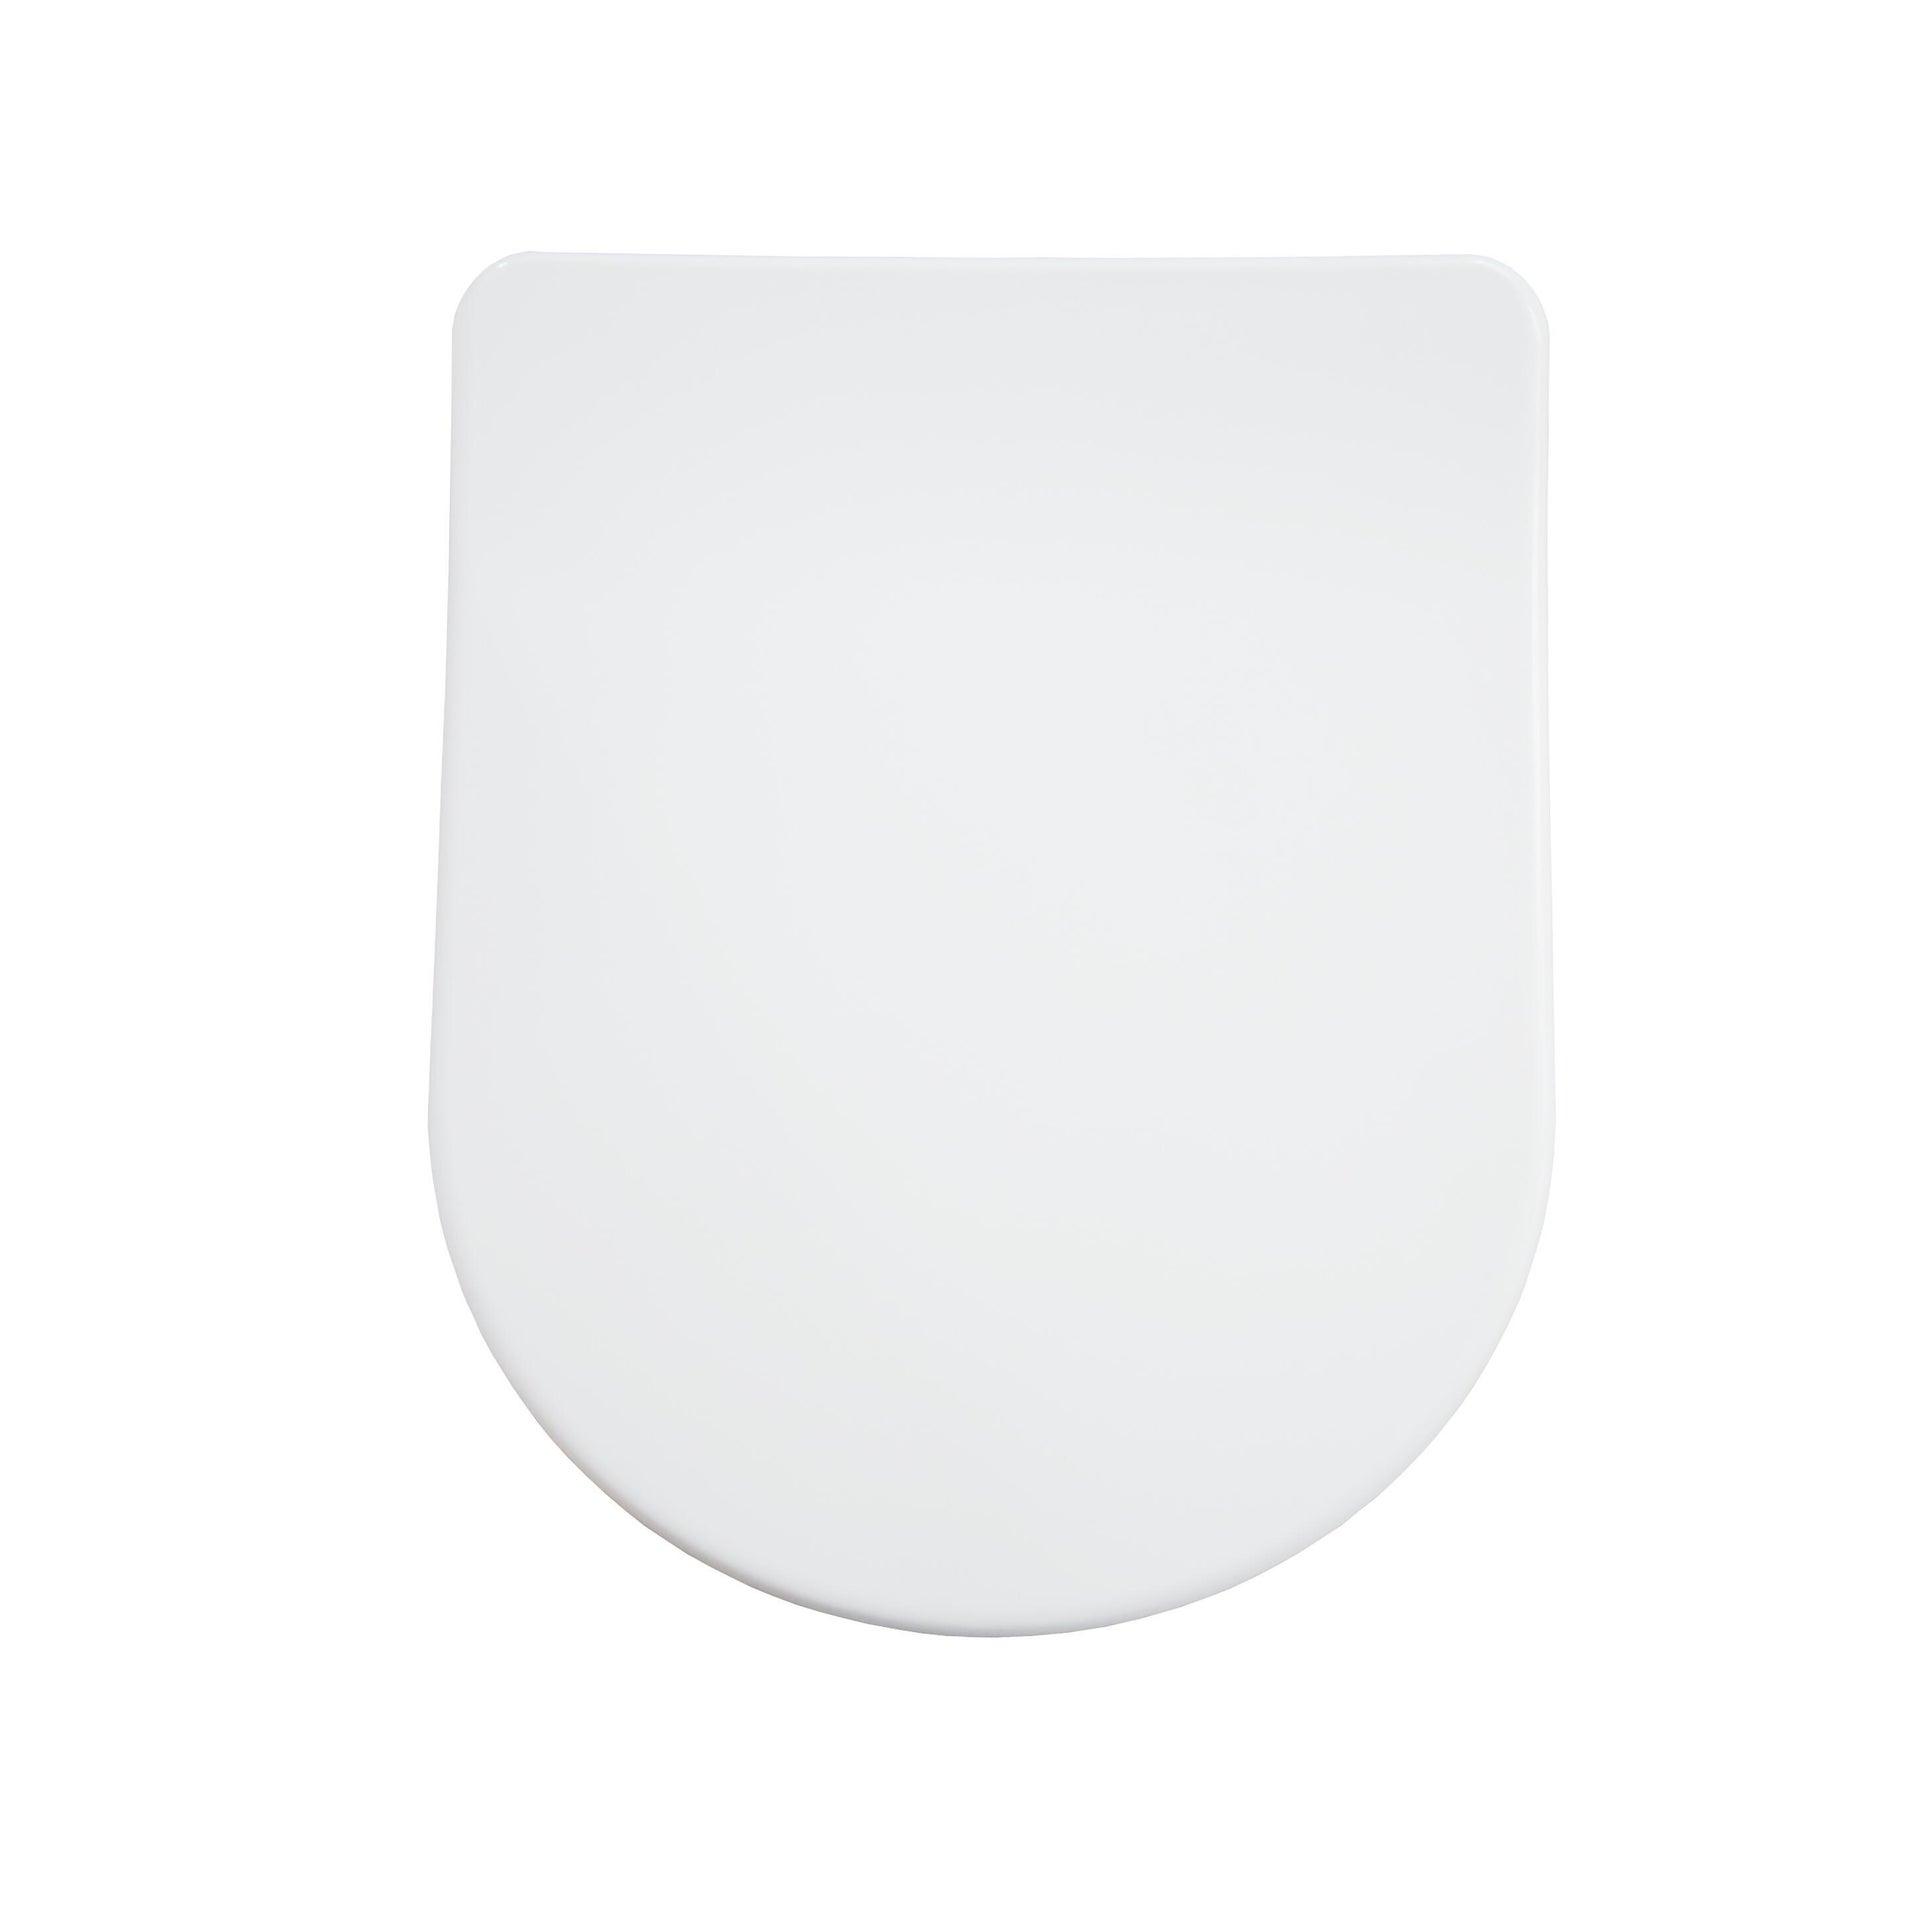 Copriwater rettangolare Universale Remix SENSEA duroplast bianco - 1